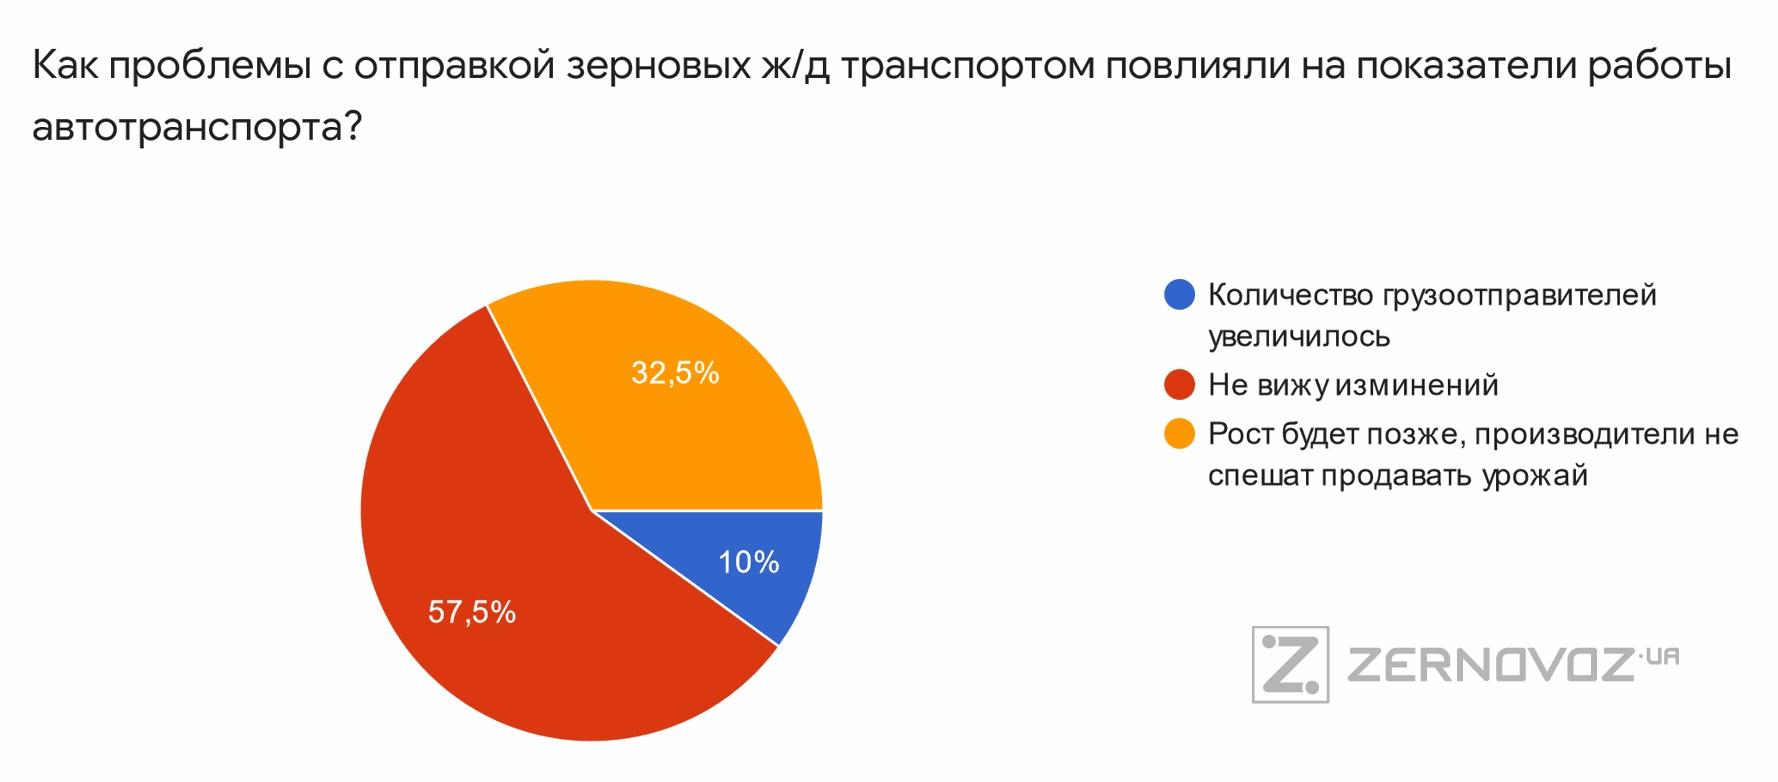 По данным опроса Zernovoz.ua